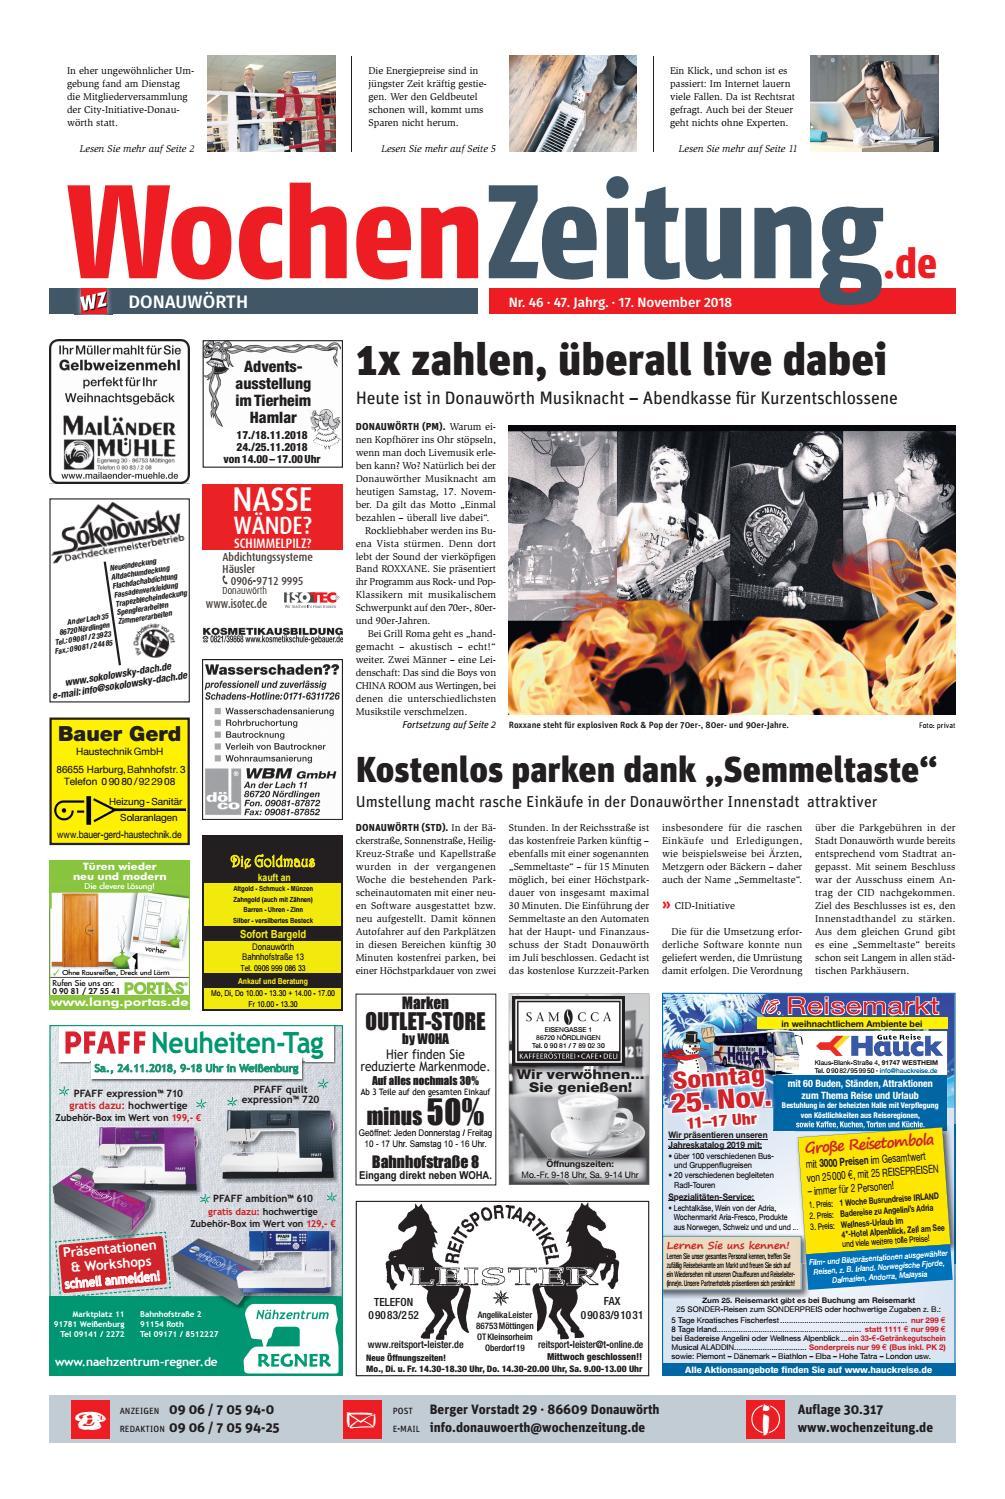 Wochenzeitung Donauwörth Kw 4618 By Wochenzeitung Sonntagszeitung